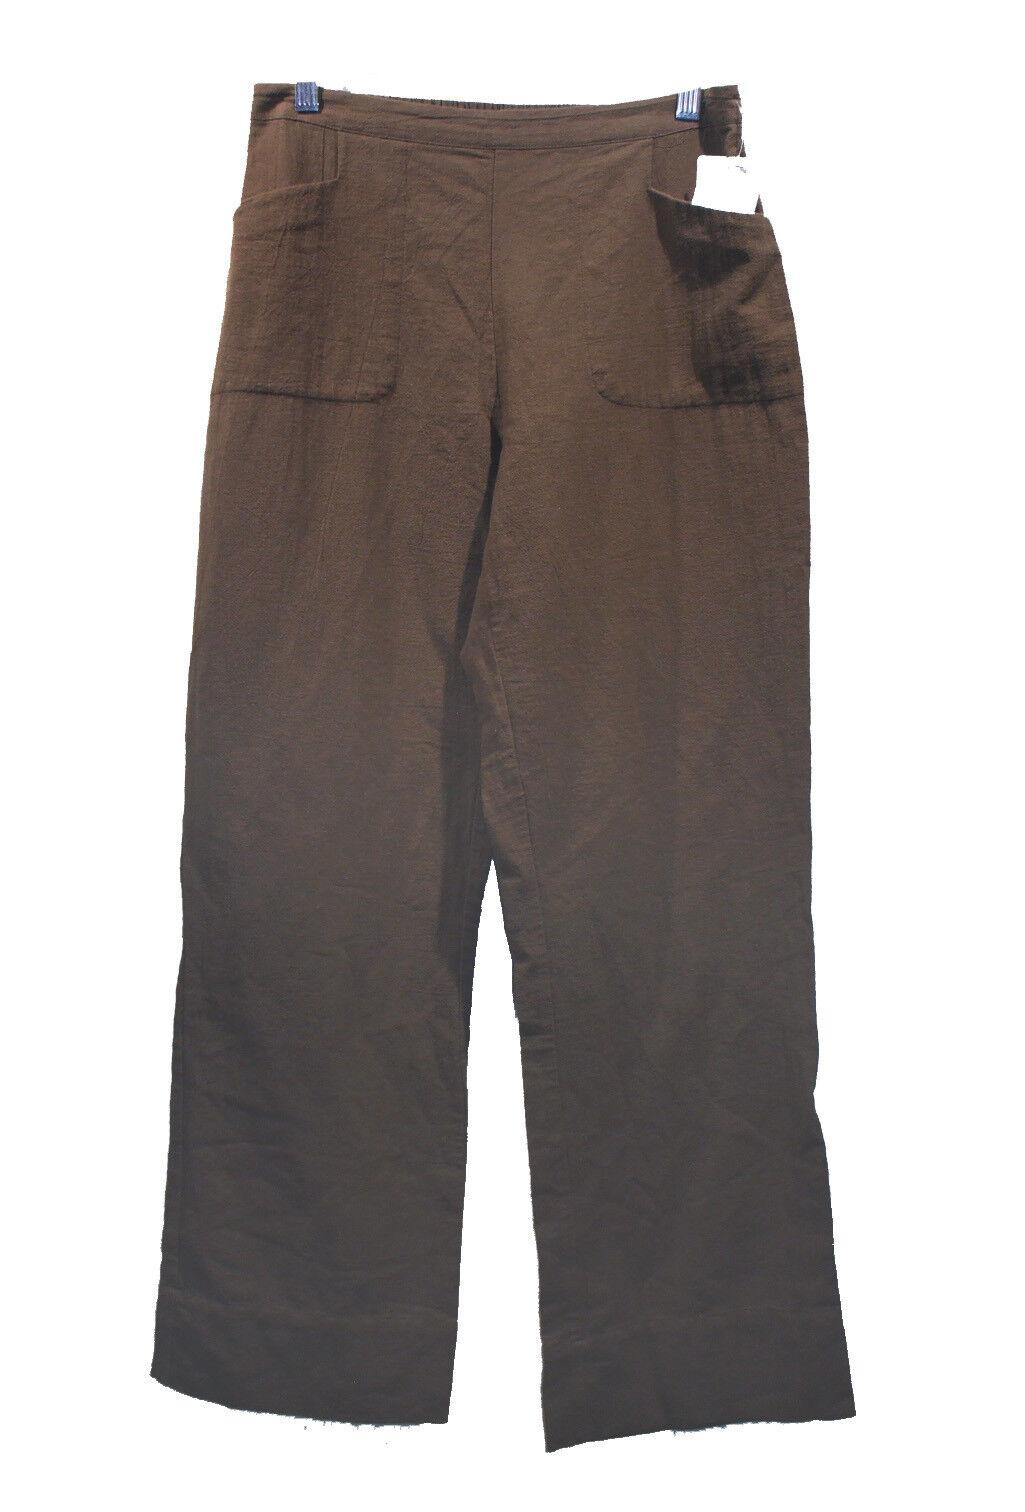 NEW Soft Surroundings Brown Cotton Gauze Pants sz M Elastic Waist